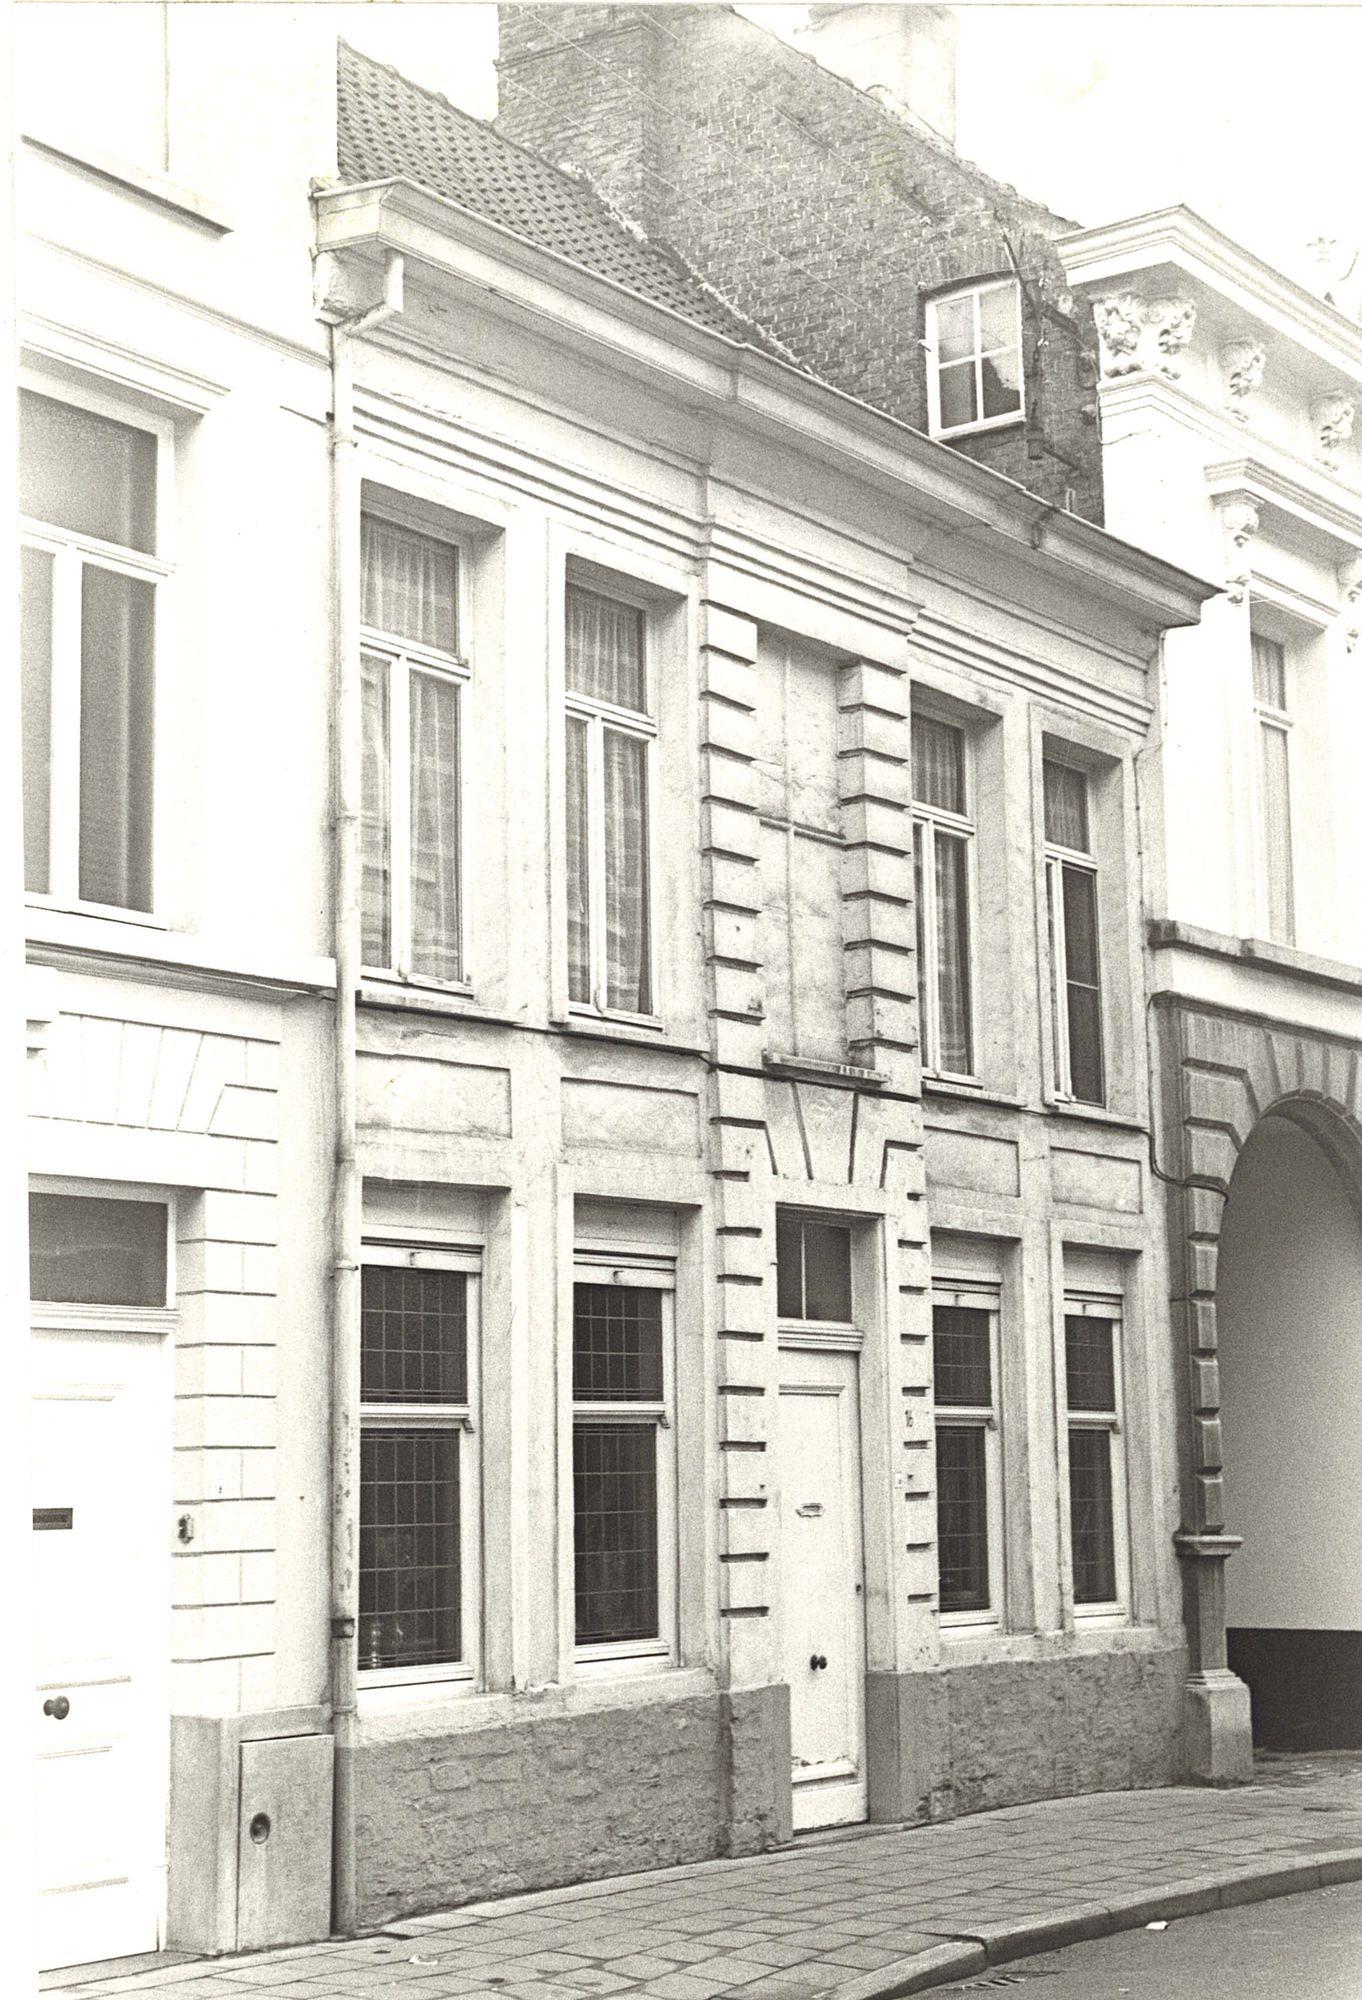 Groeningestraat 16